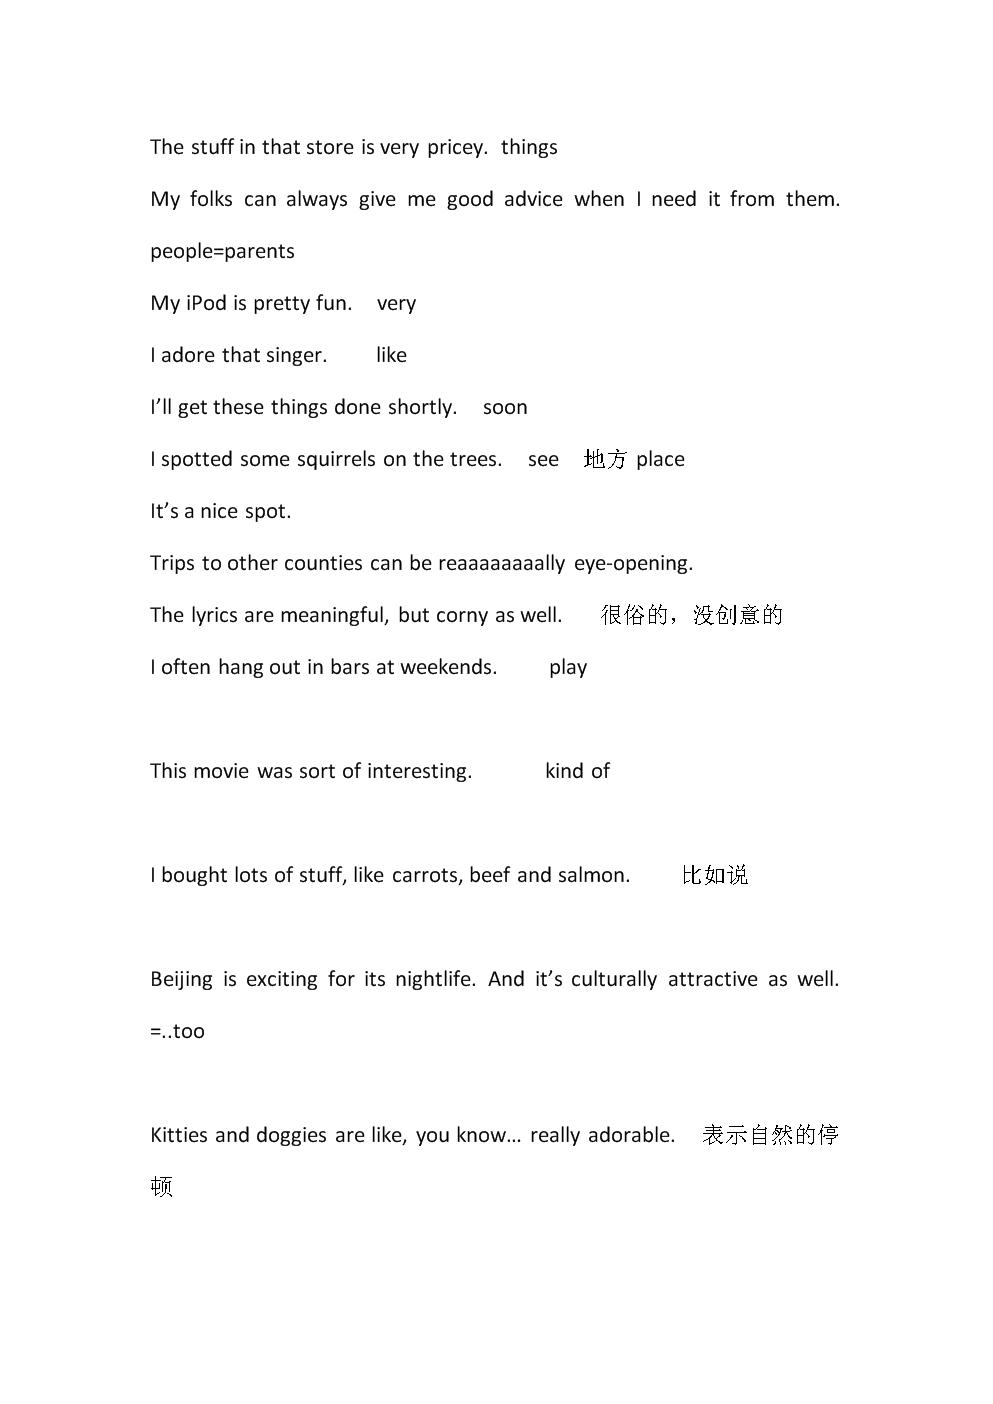 俚语表达x英语四六级雅思托福考研GRE高考GMAT大小作文宝典策略技巧范文模板.doc